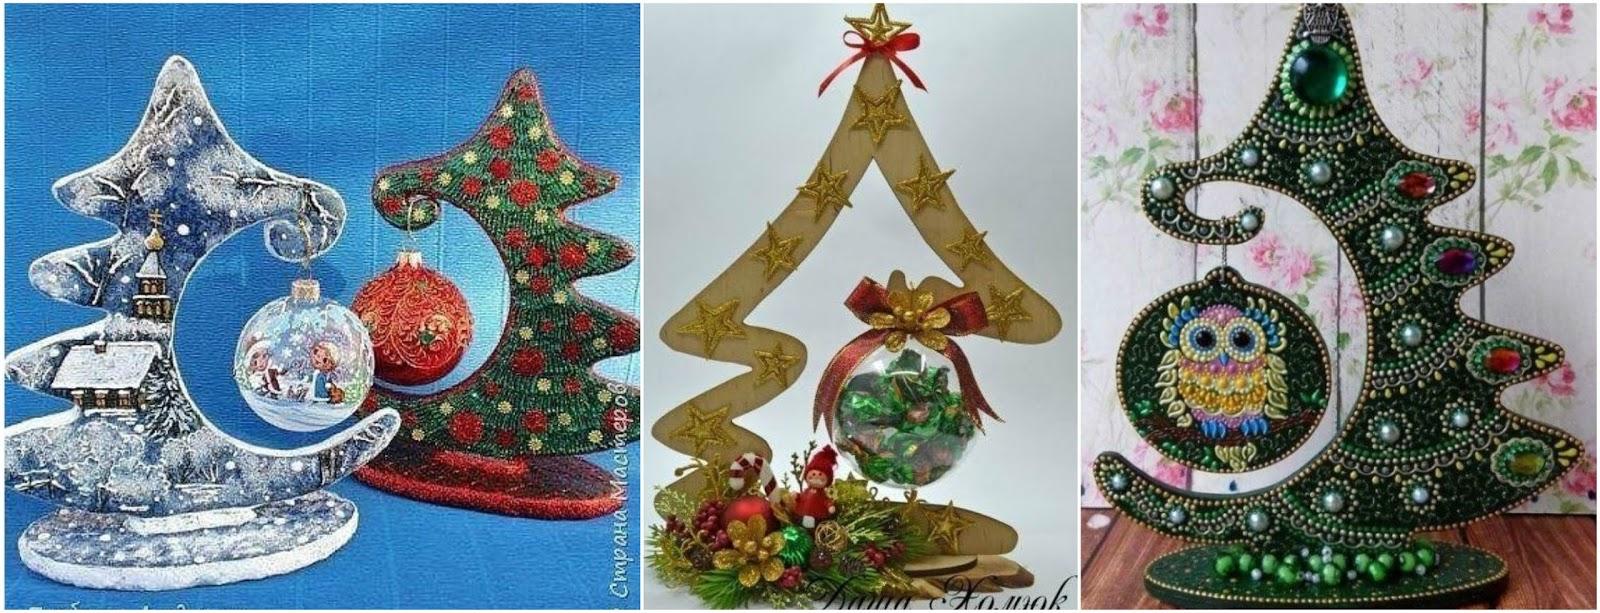 Videos de como hacer adornos navidenos con reciclaje